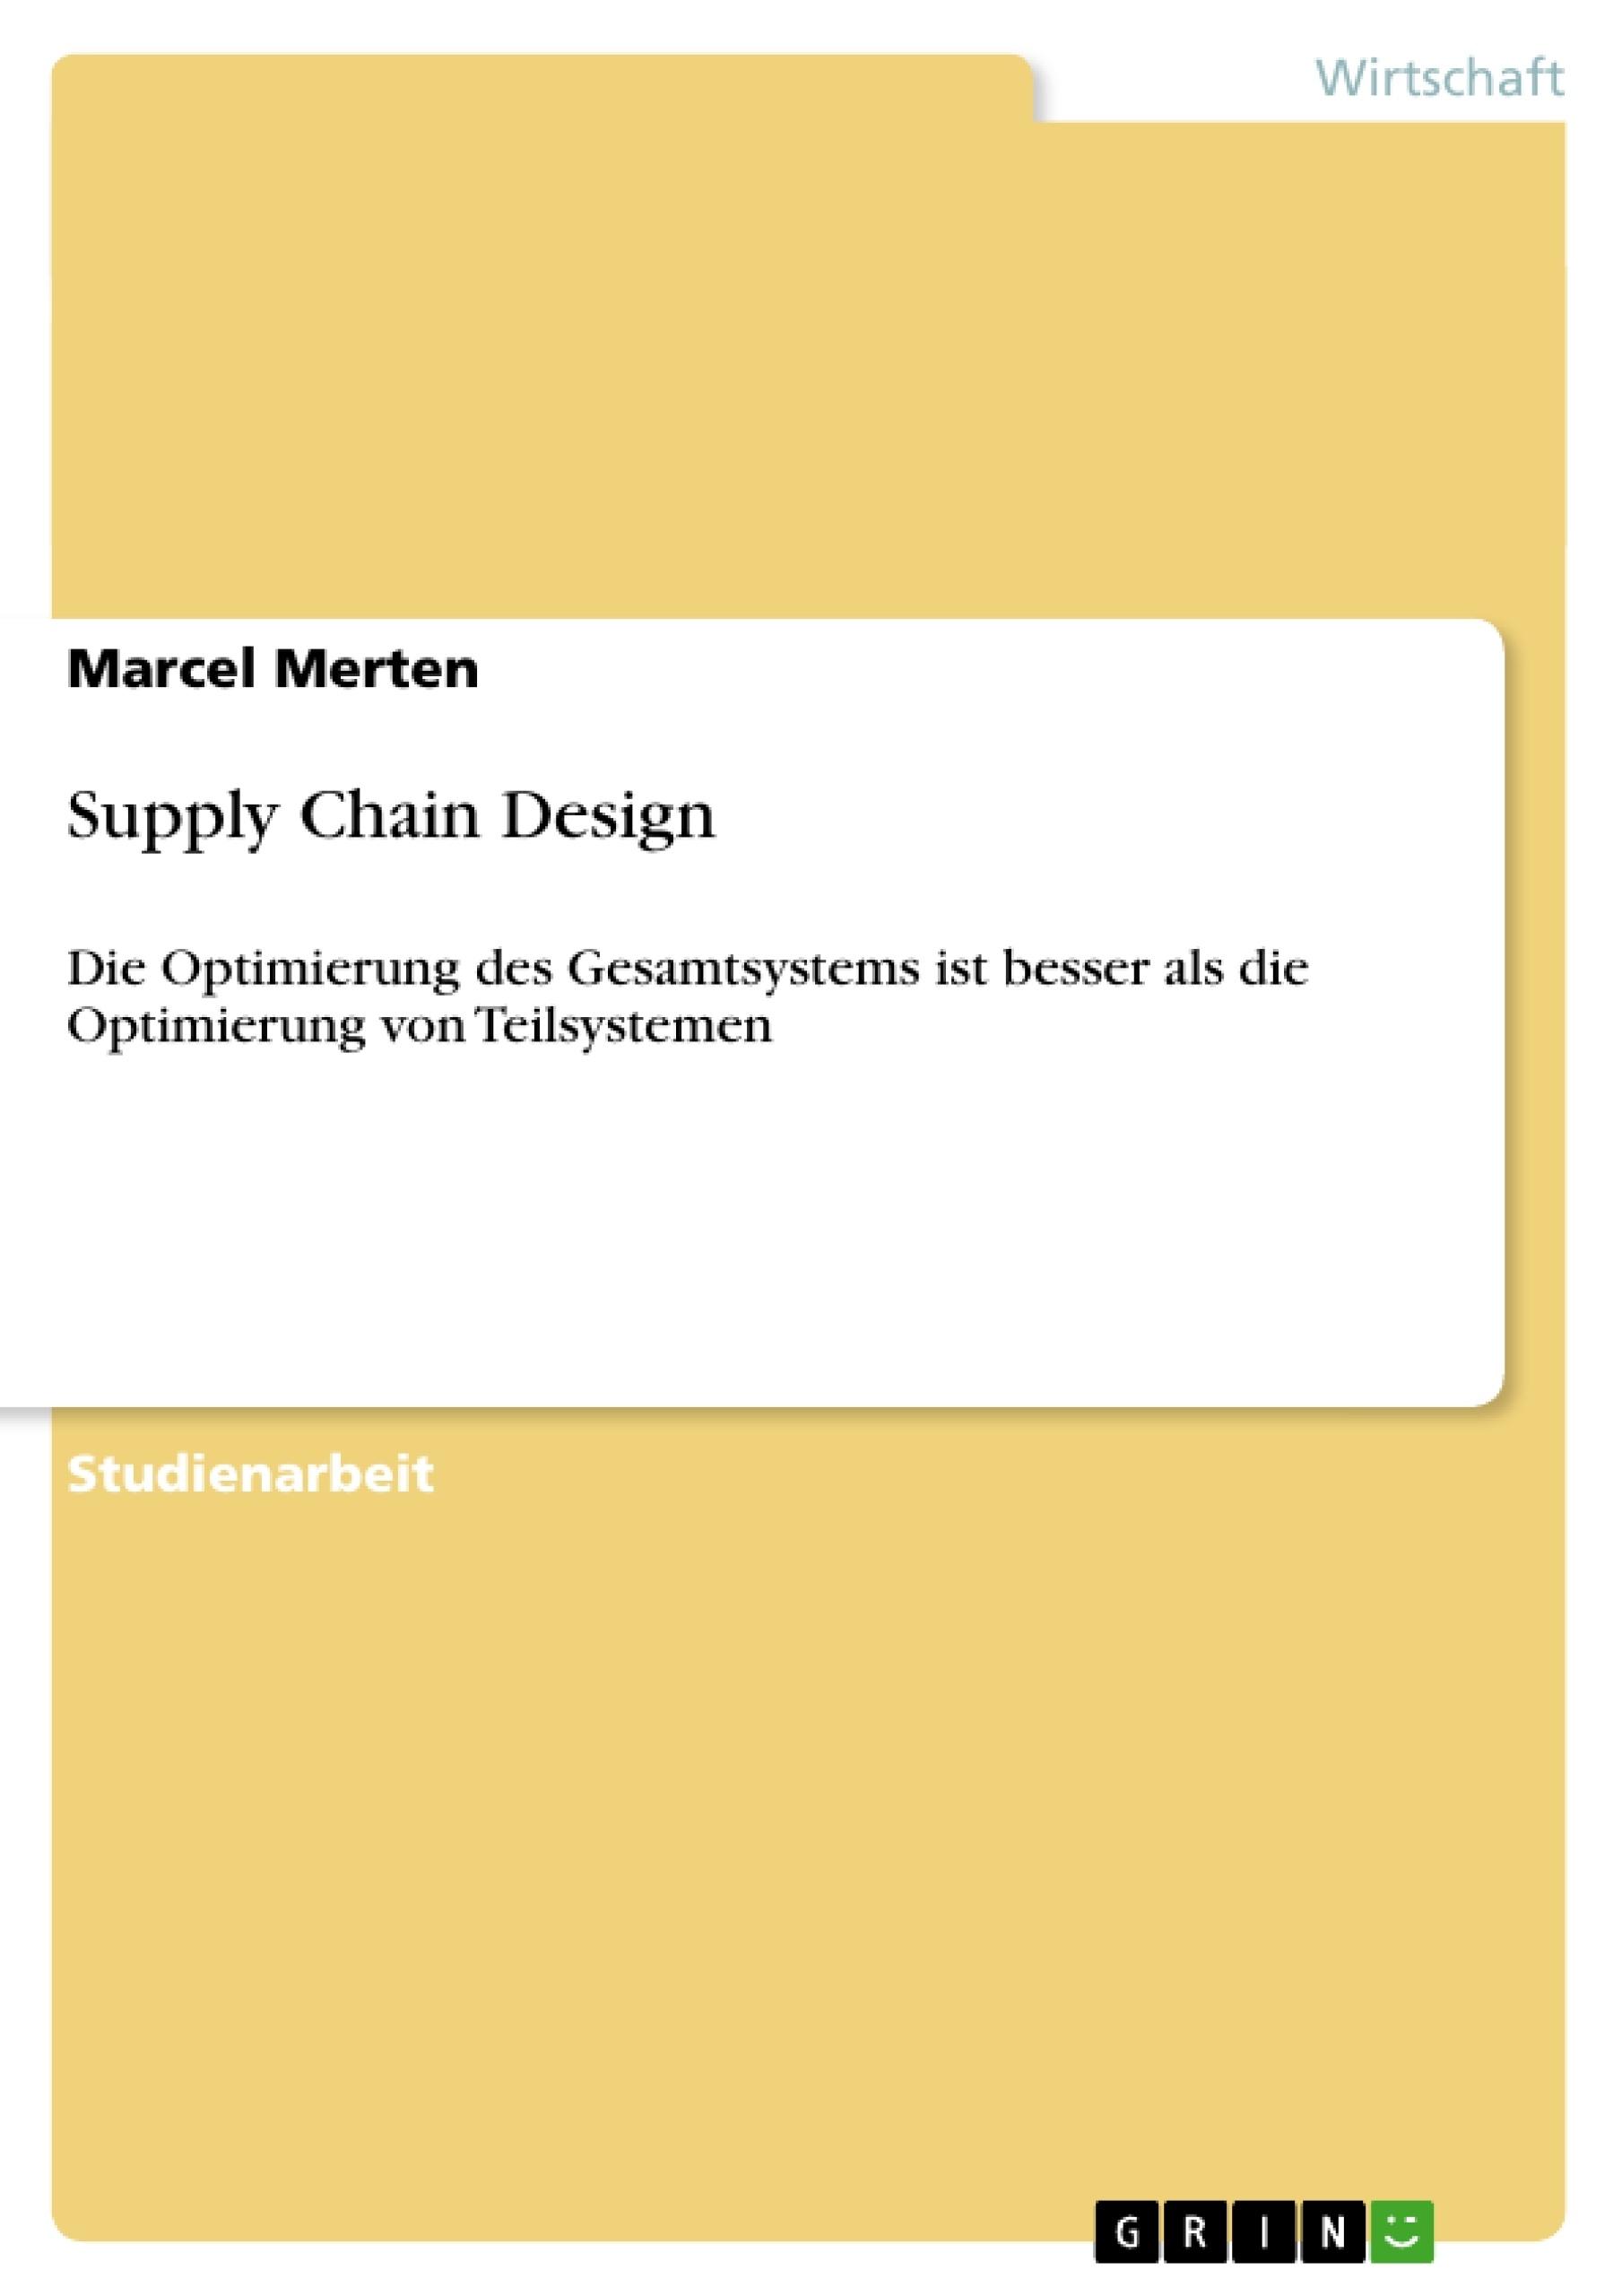 Titel: Supply Chain Design